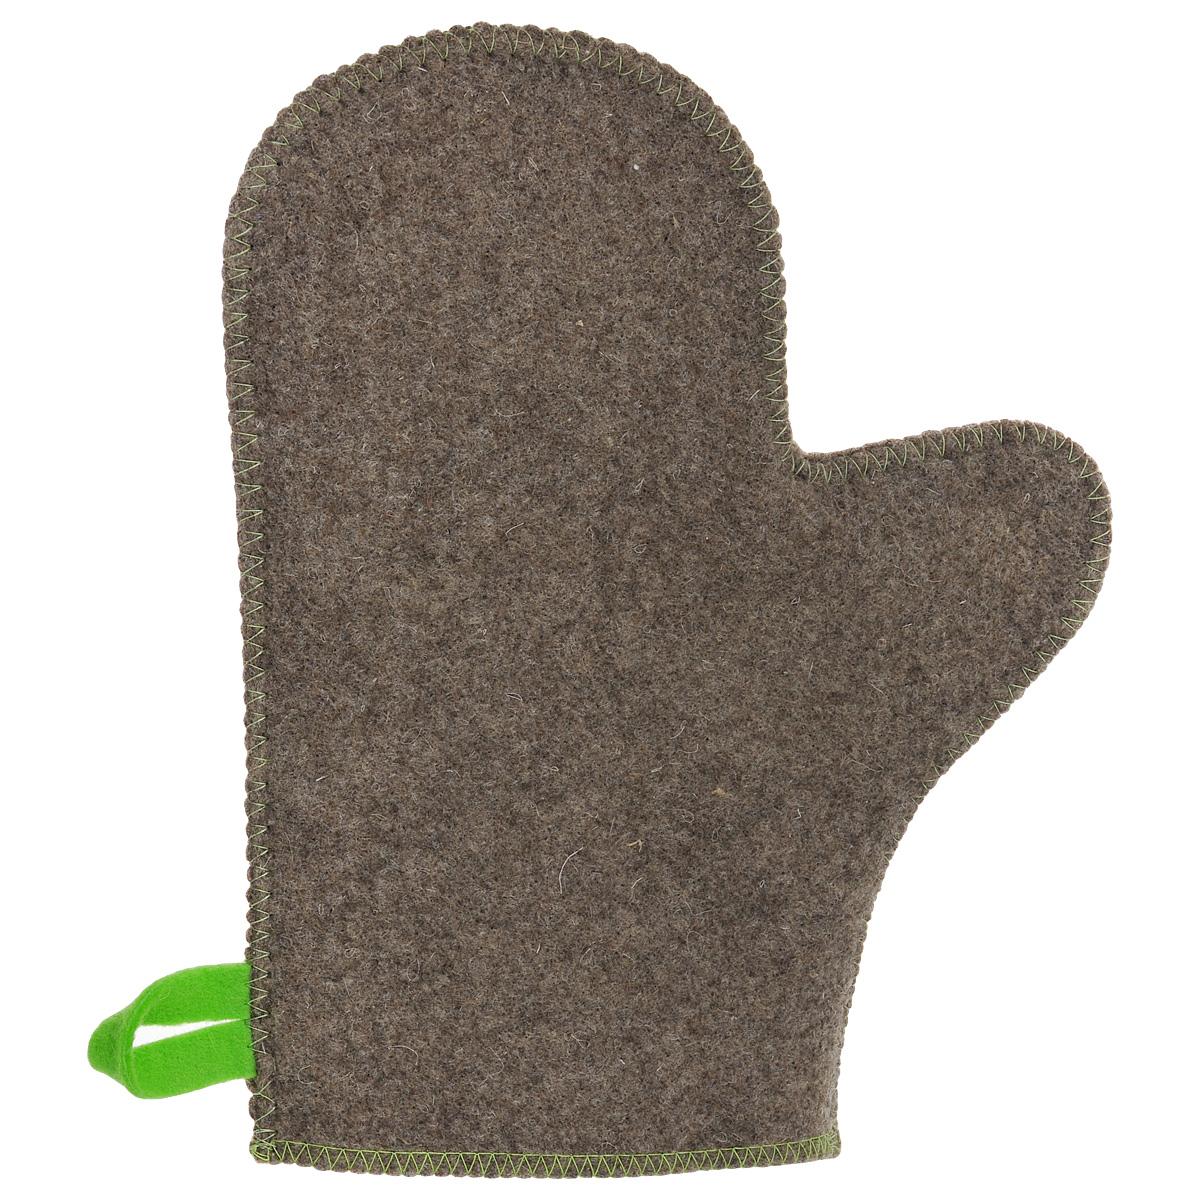 Рукавица для бани и сауны Главбаня, цвет: серый, салатовыйNLED-420-1.5W-WРукавица Главбаня, изготовленная из войлока - незаменимый банный атрибут. Изделие защищает руки от горячего пара, делает комфортным пребывание в парной. Такой рукавицей можно прекрасно промассировать тело.Рукавица оснащена петелькой для подвешивания на крючок. Размер: 29 см х 22,5 см.